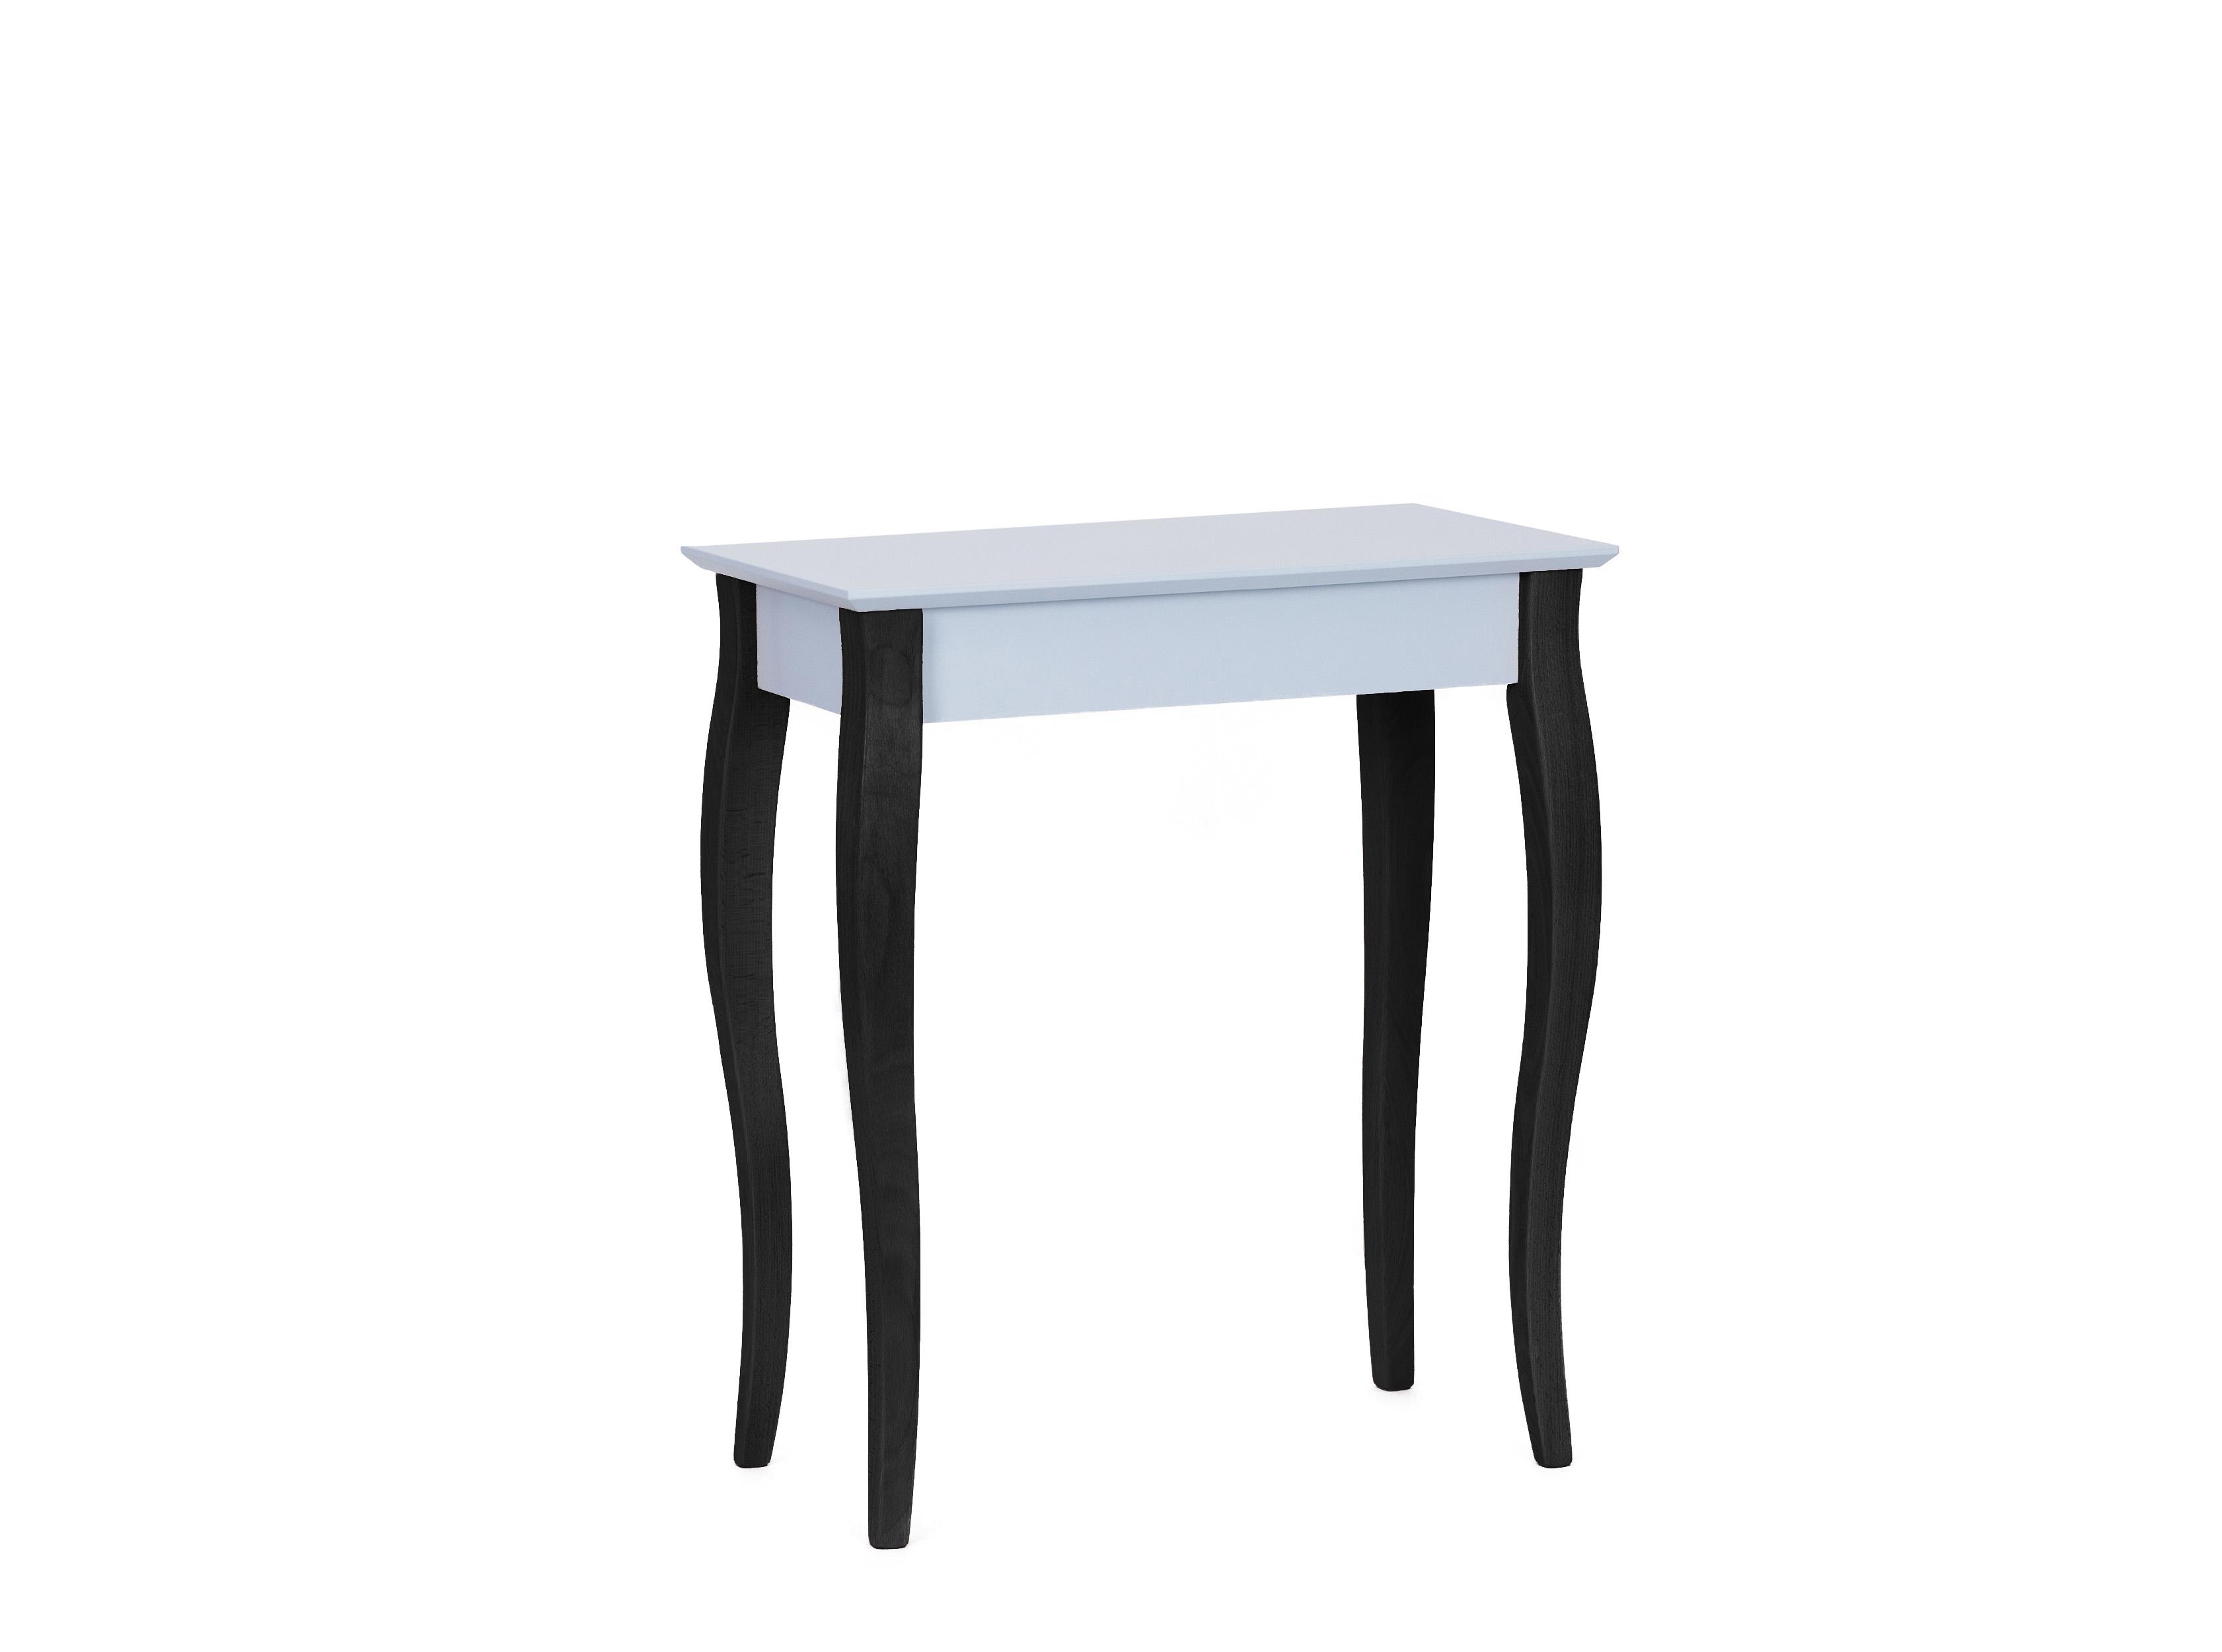 Consola Lillo Small Light Grey / Black, L65xl40xh74 cm